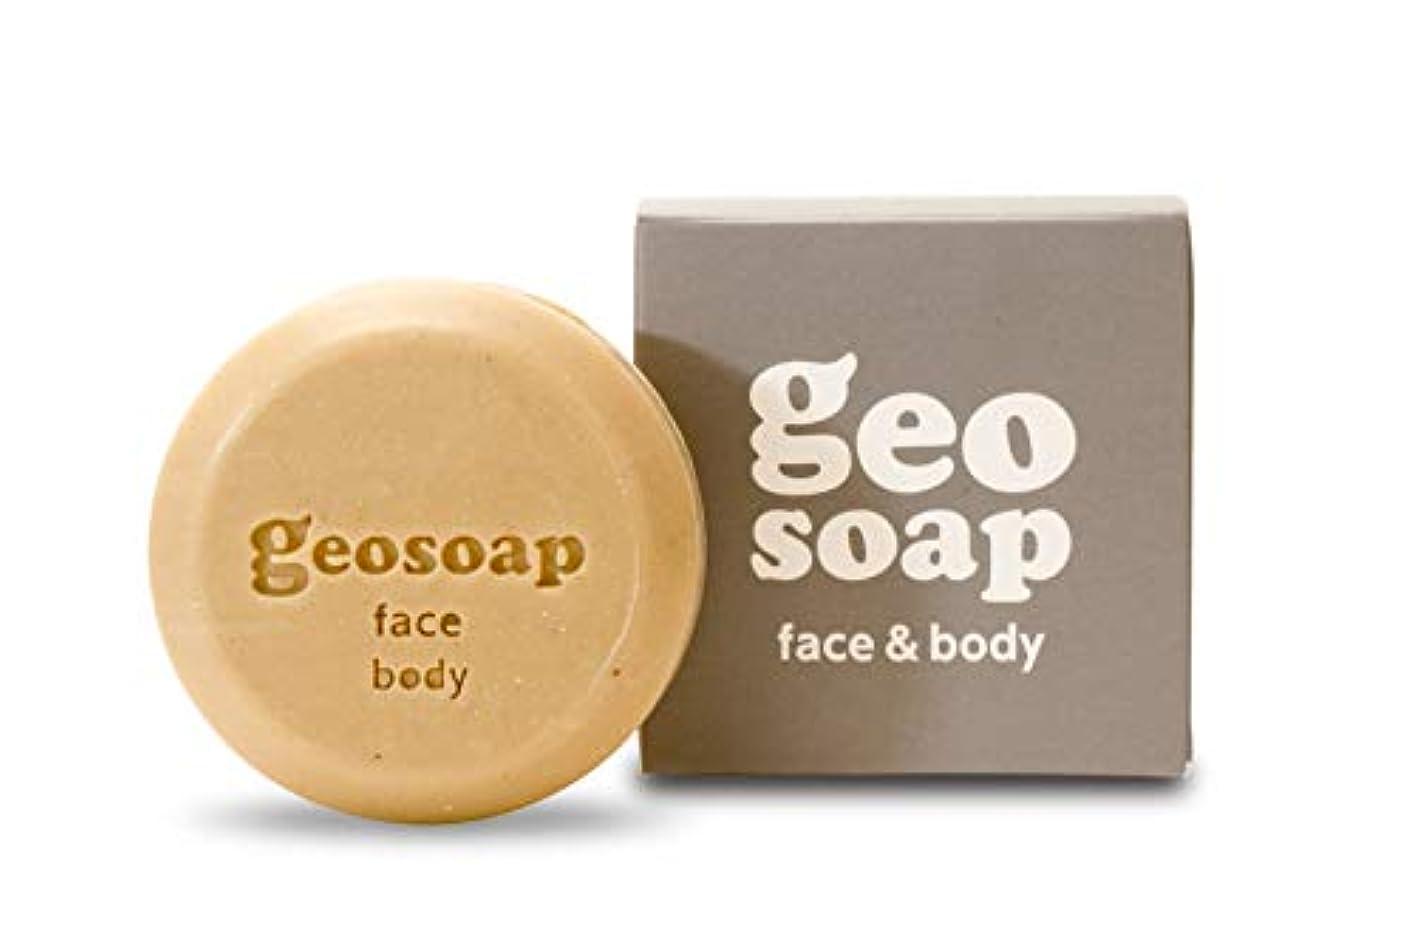 追い付く学者髄geosoap(ジオソープ) face&body(フェイス&ボディ) フェイス?ボディ 固形ソープ 117g